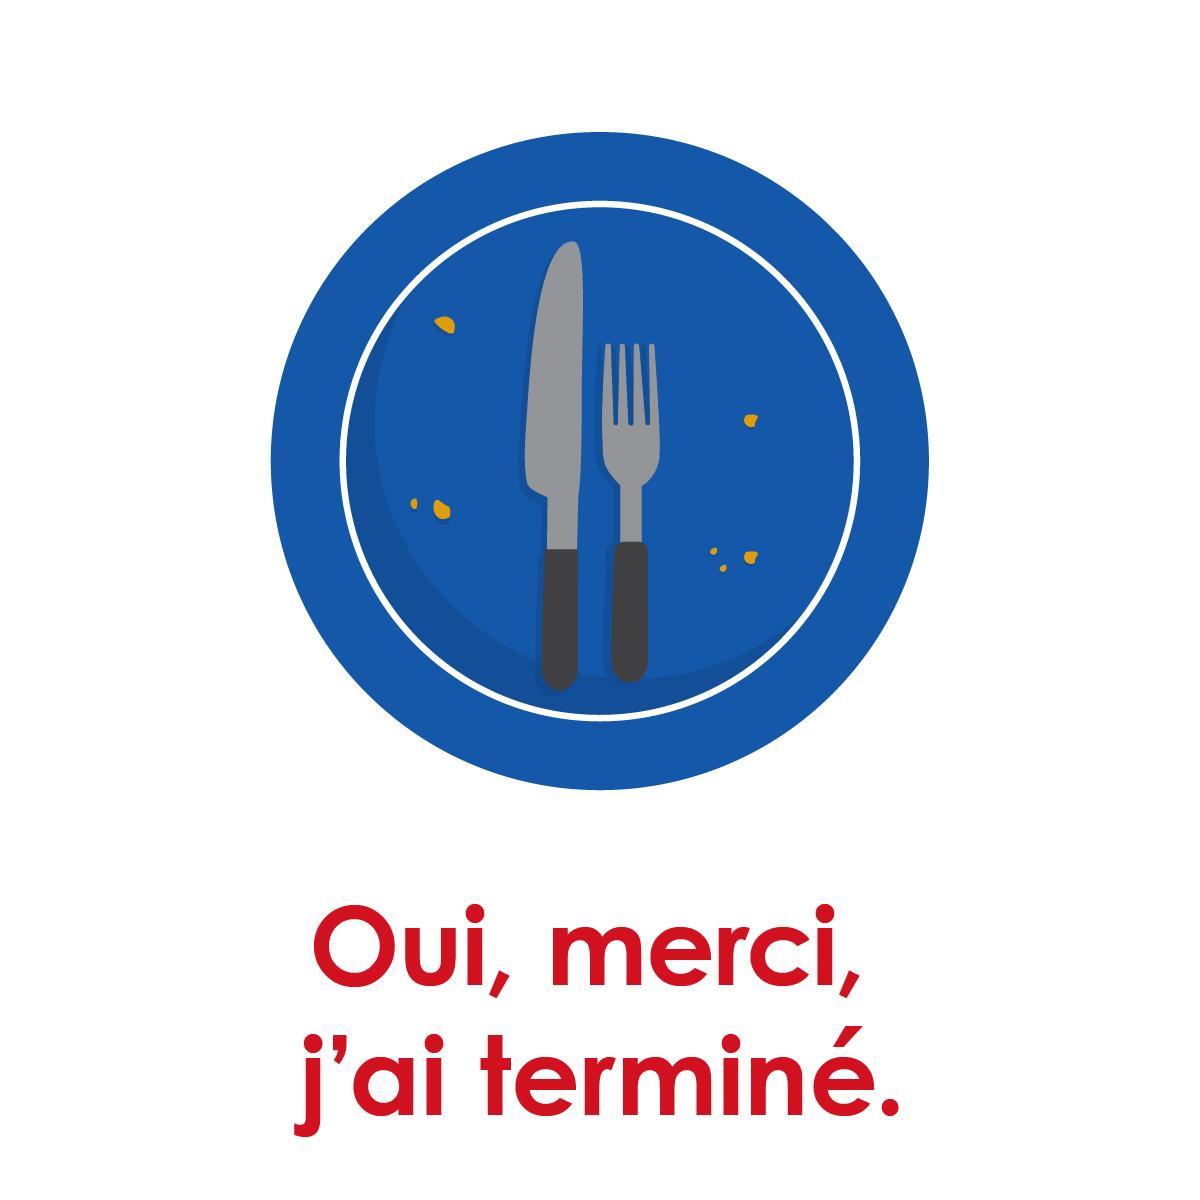 French_Day24.jpg